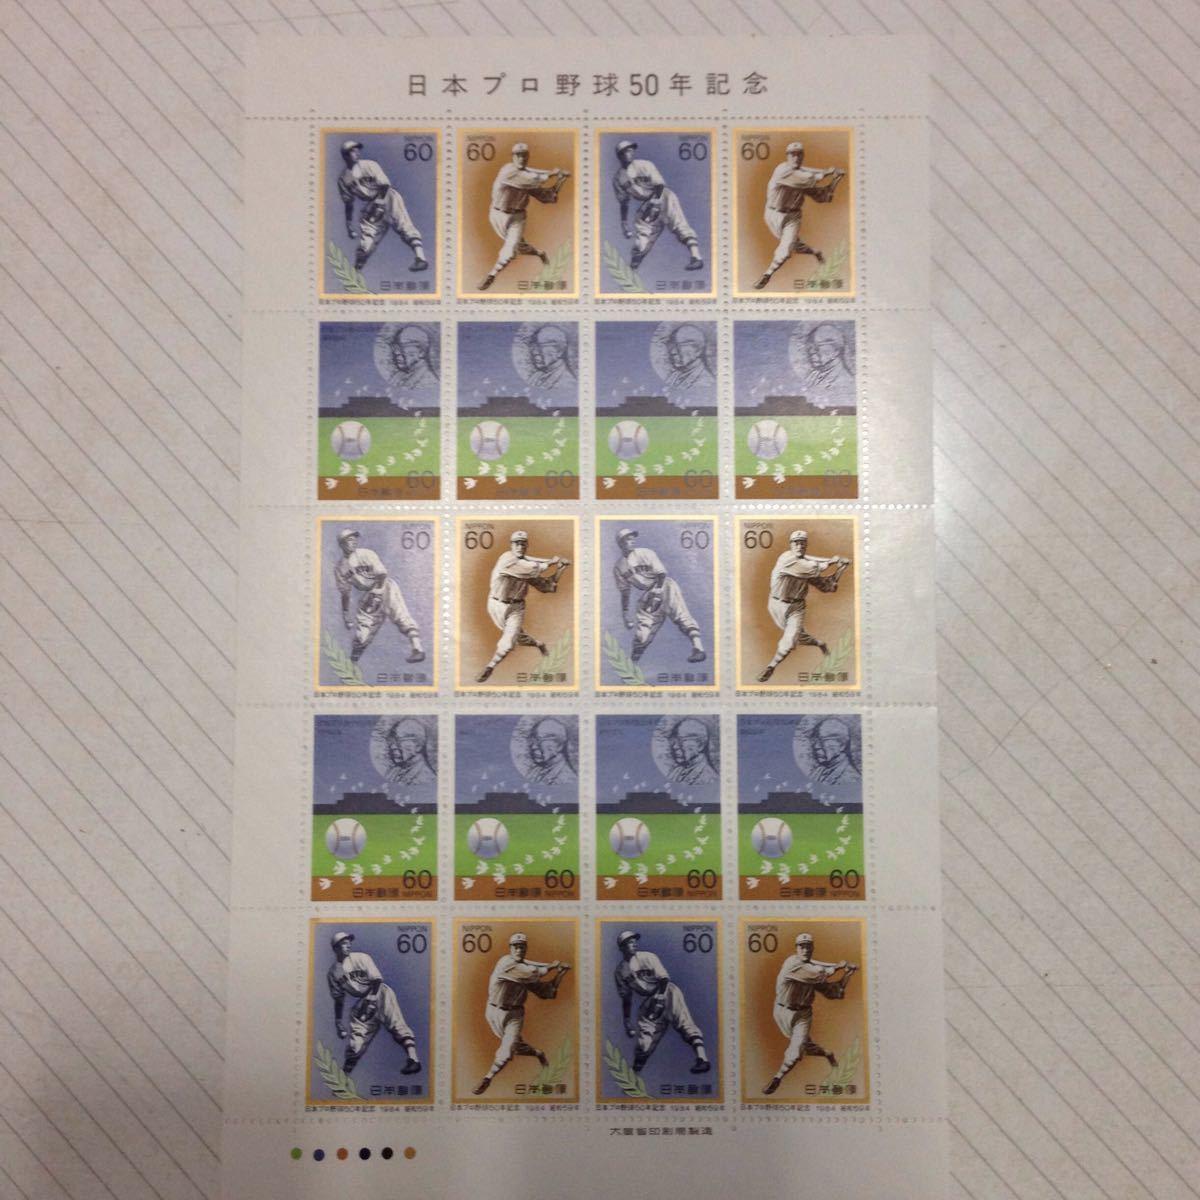 記念切手【日本プロ野球50年記念】